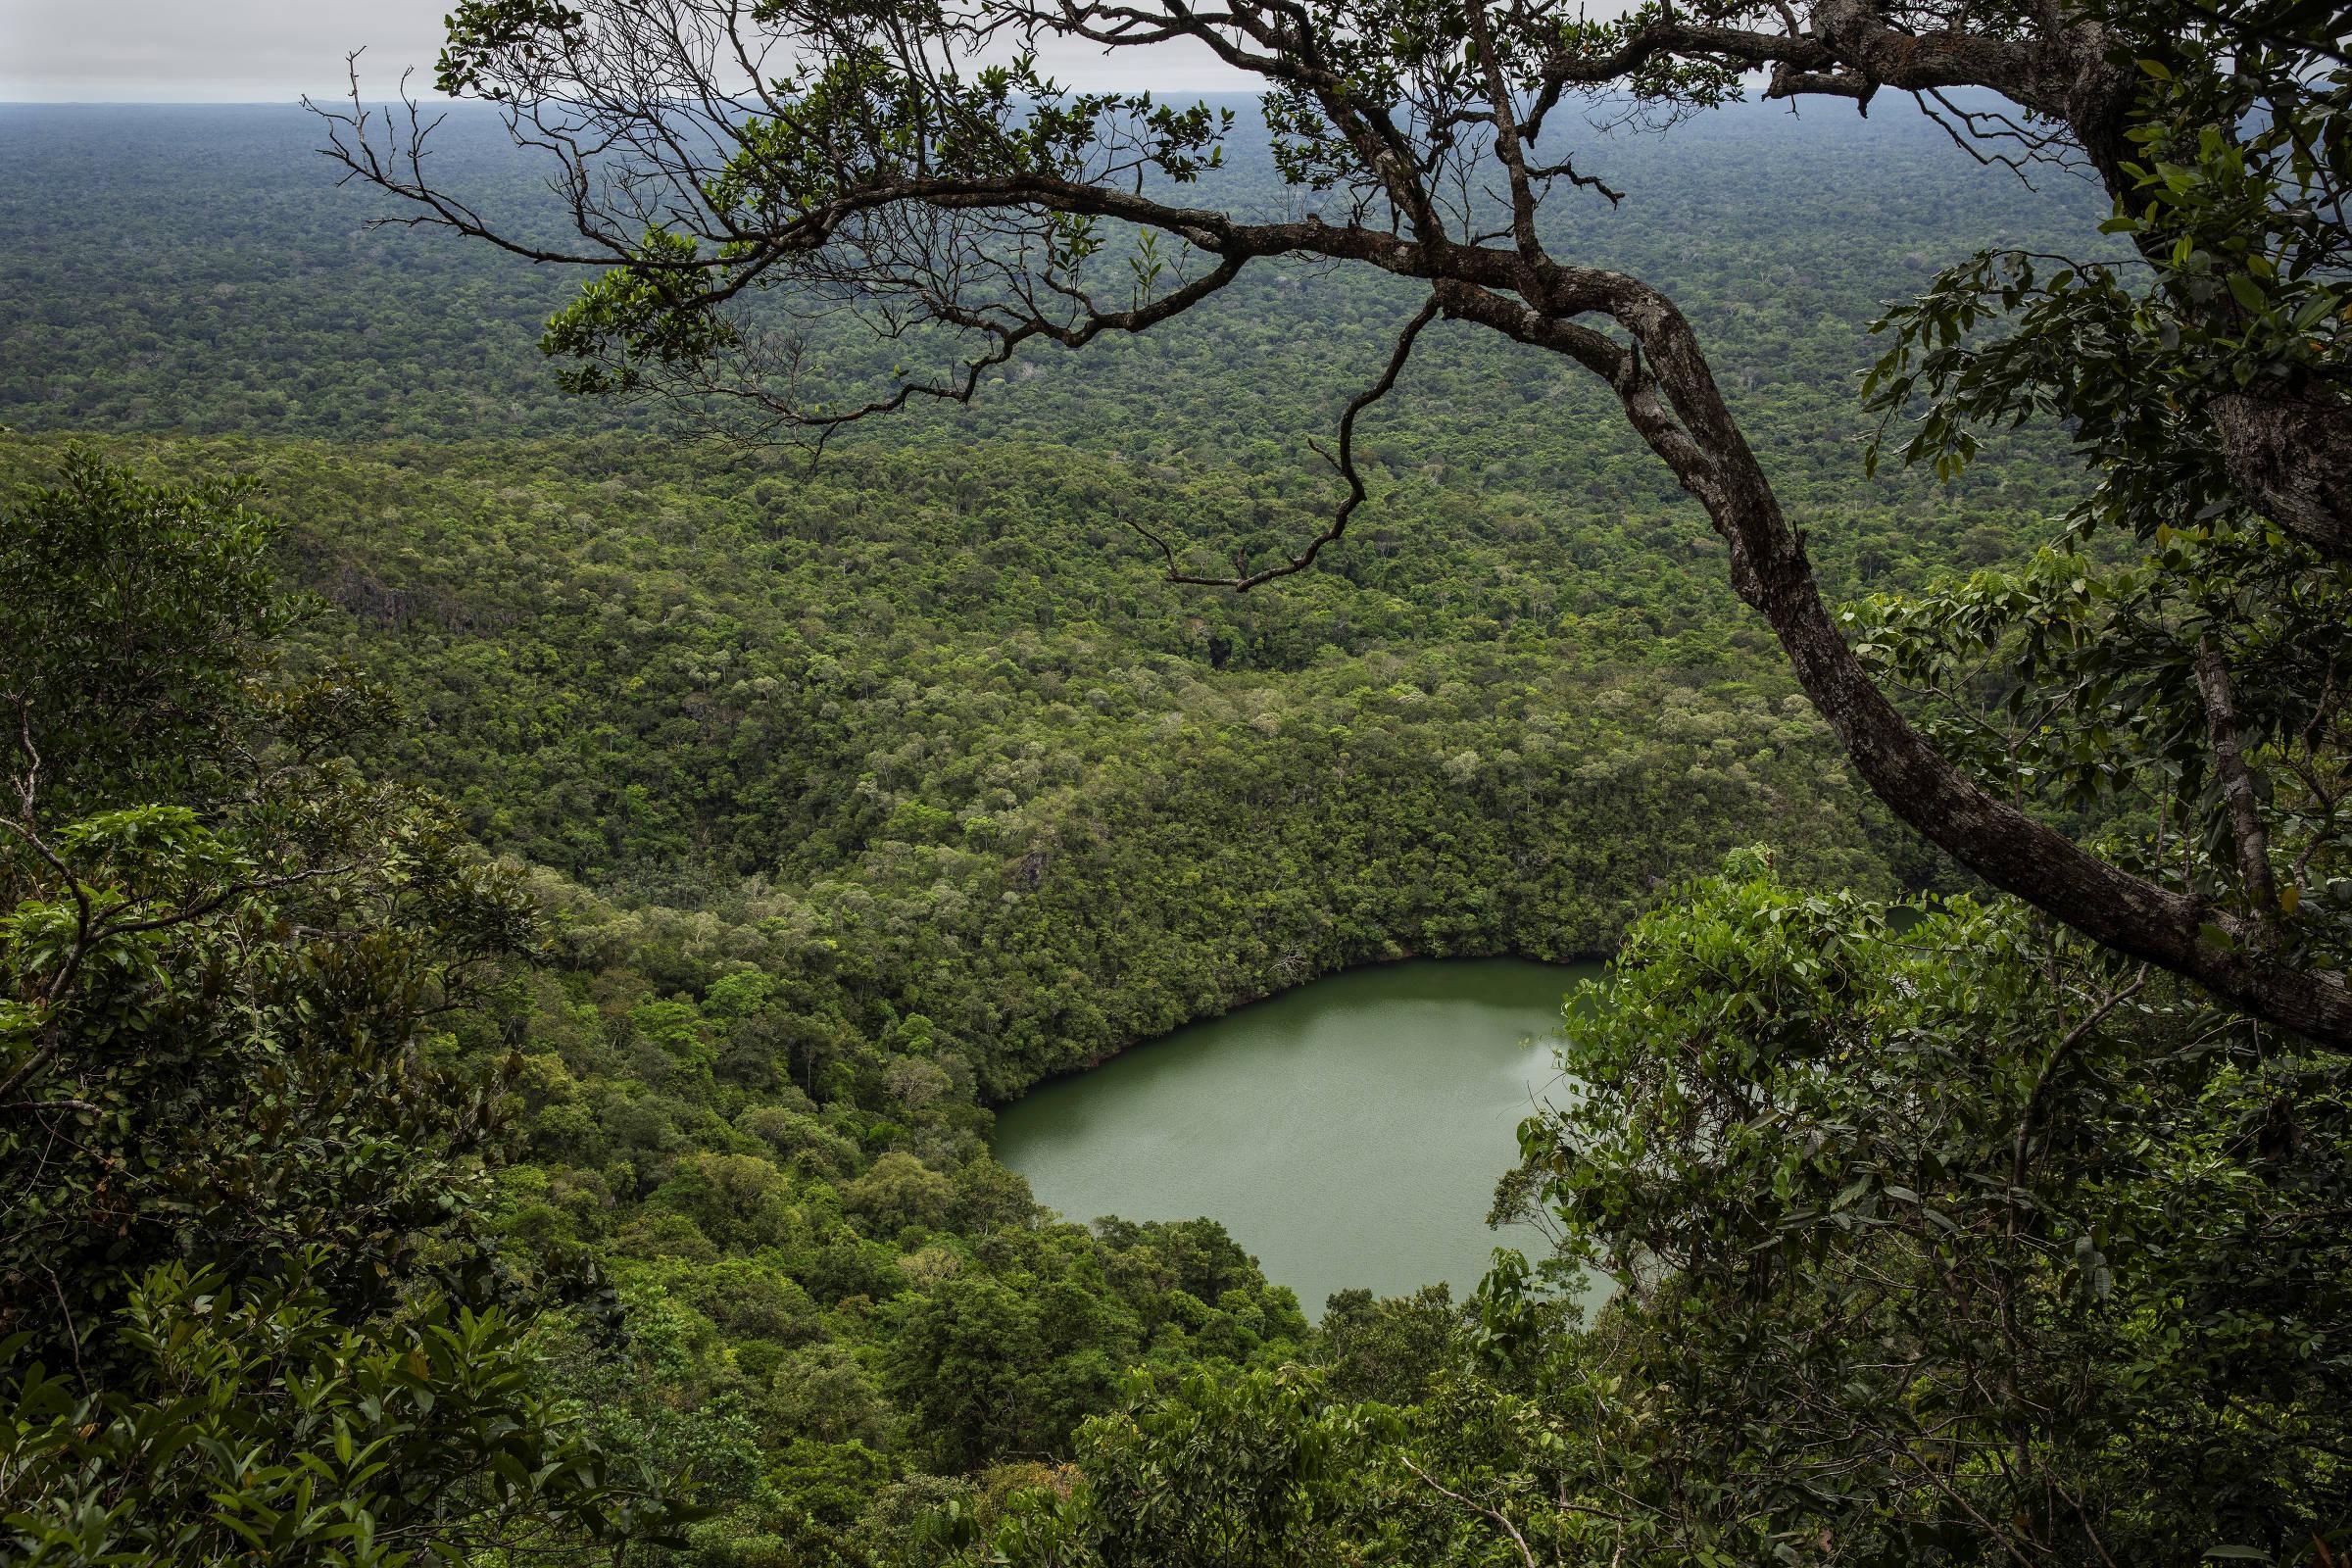 Vista do lago na Reserva Biológica Morro dos Seis Lagos, que concentra uma das maiores reservas de nióbio do mundo